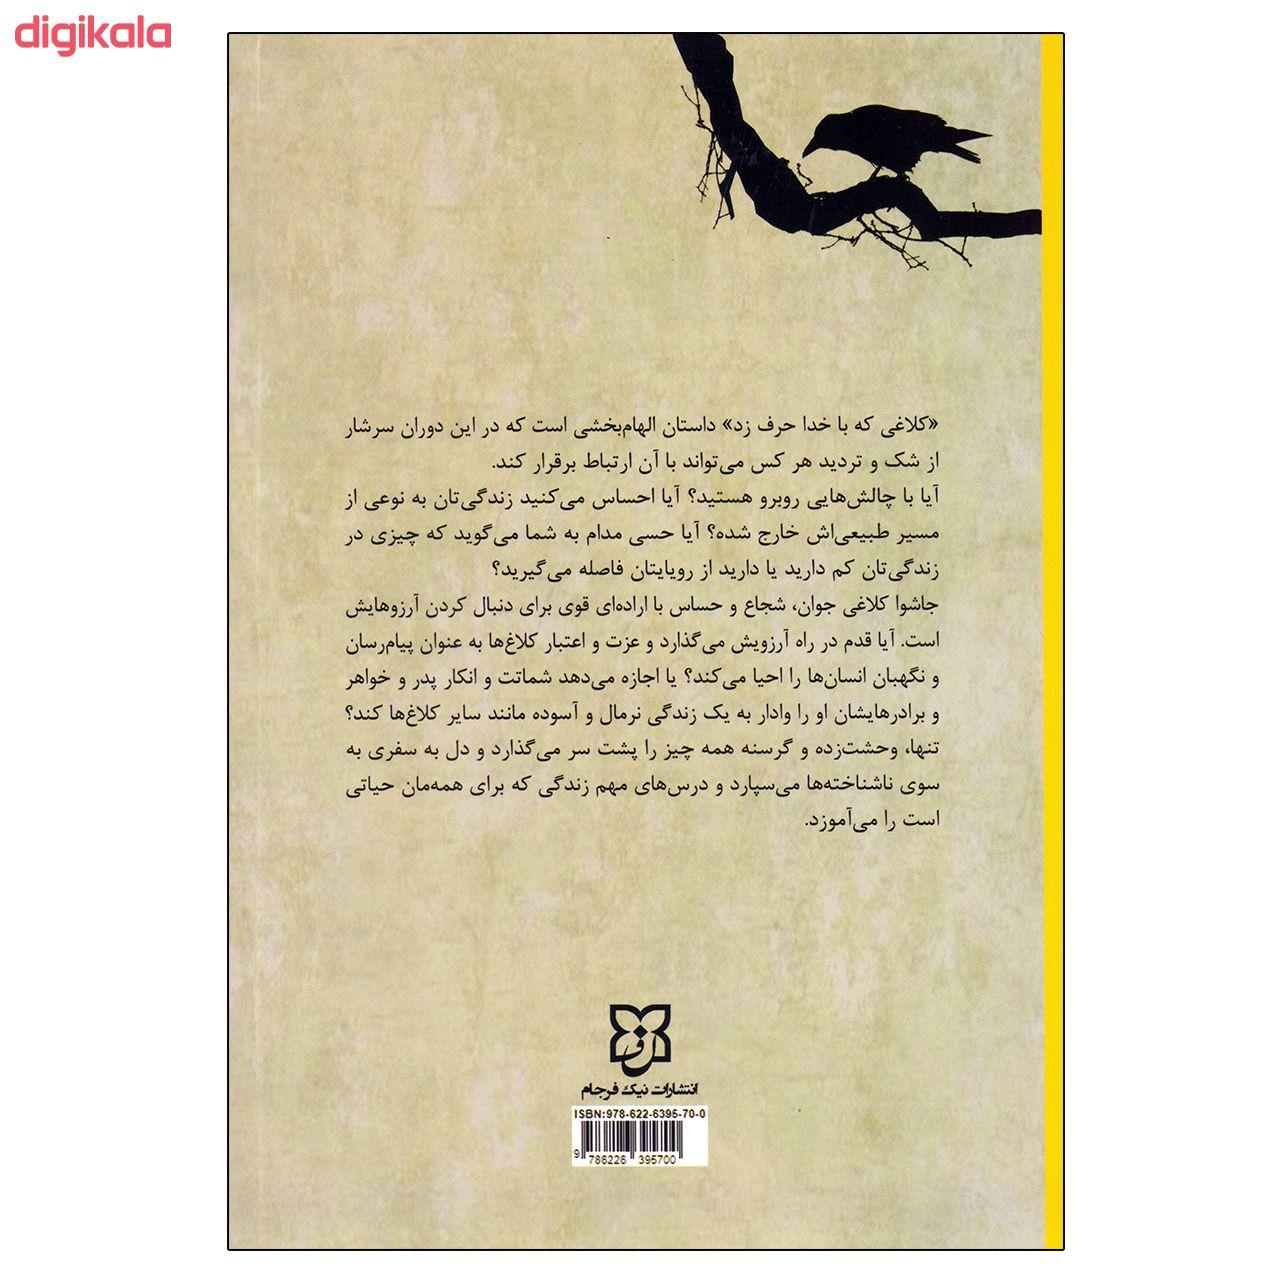 کتاب کلاغی که با خدا حرف زد اثر کریستوفر فاستر نشر نیک فرجام main 1 1